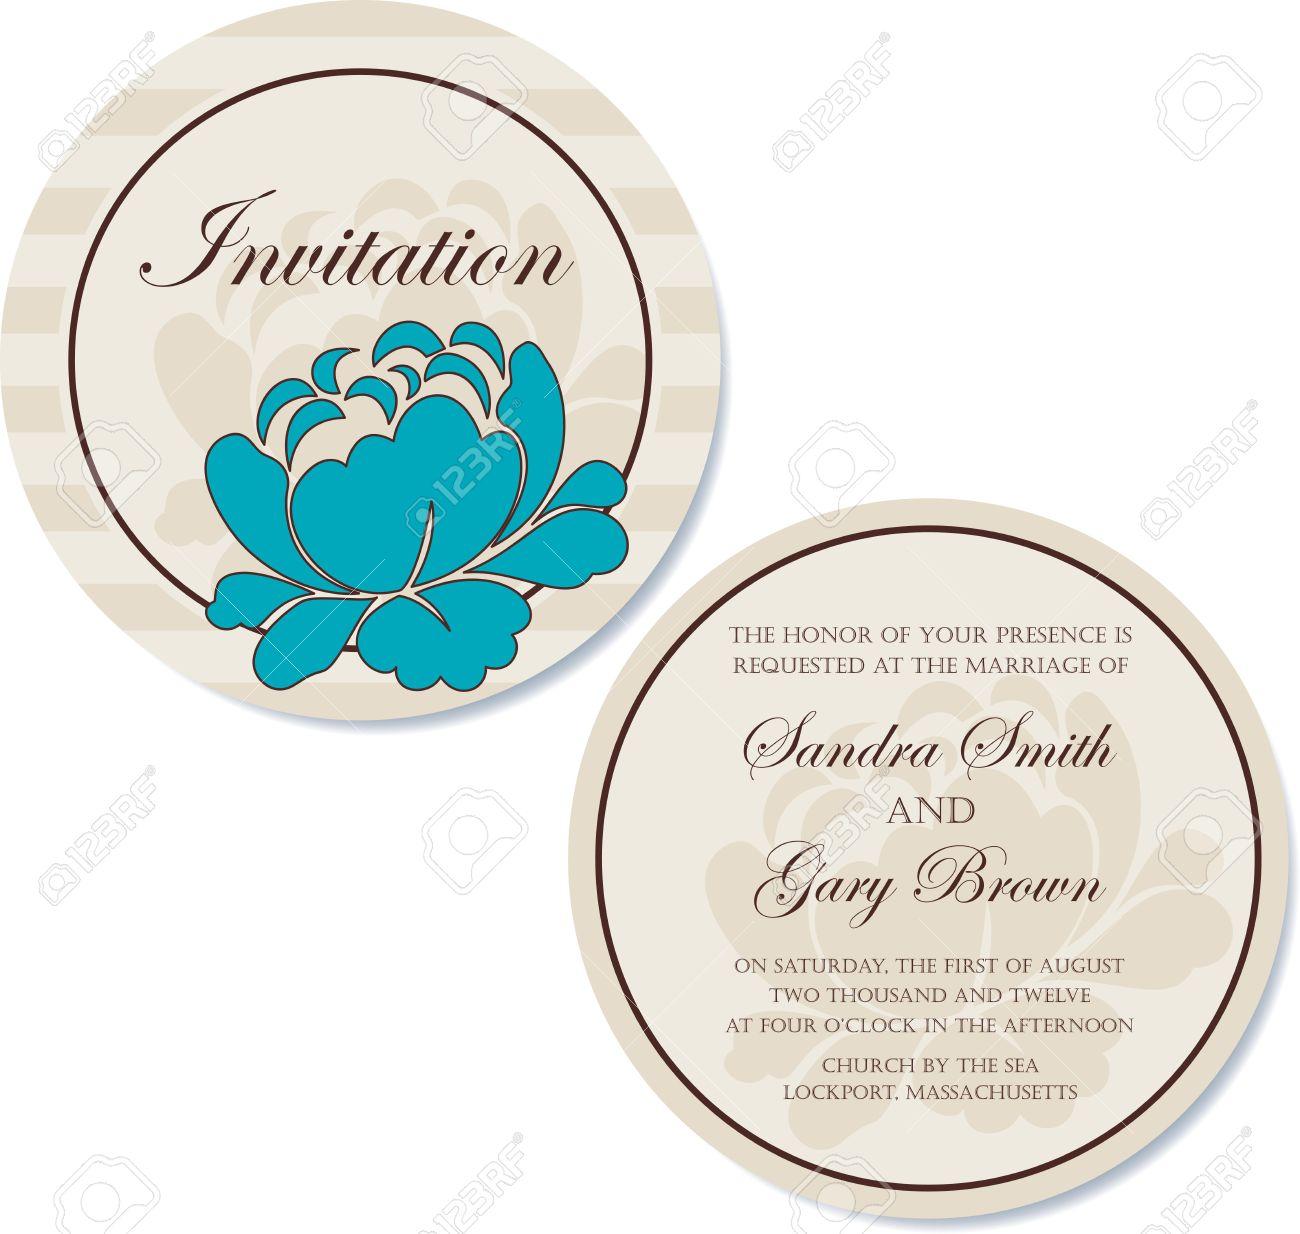 Redonda Vintage Tarjeta De Invitación De La Boda Floral De Doble Cara